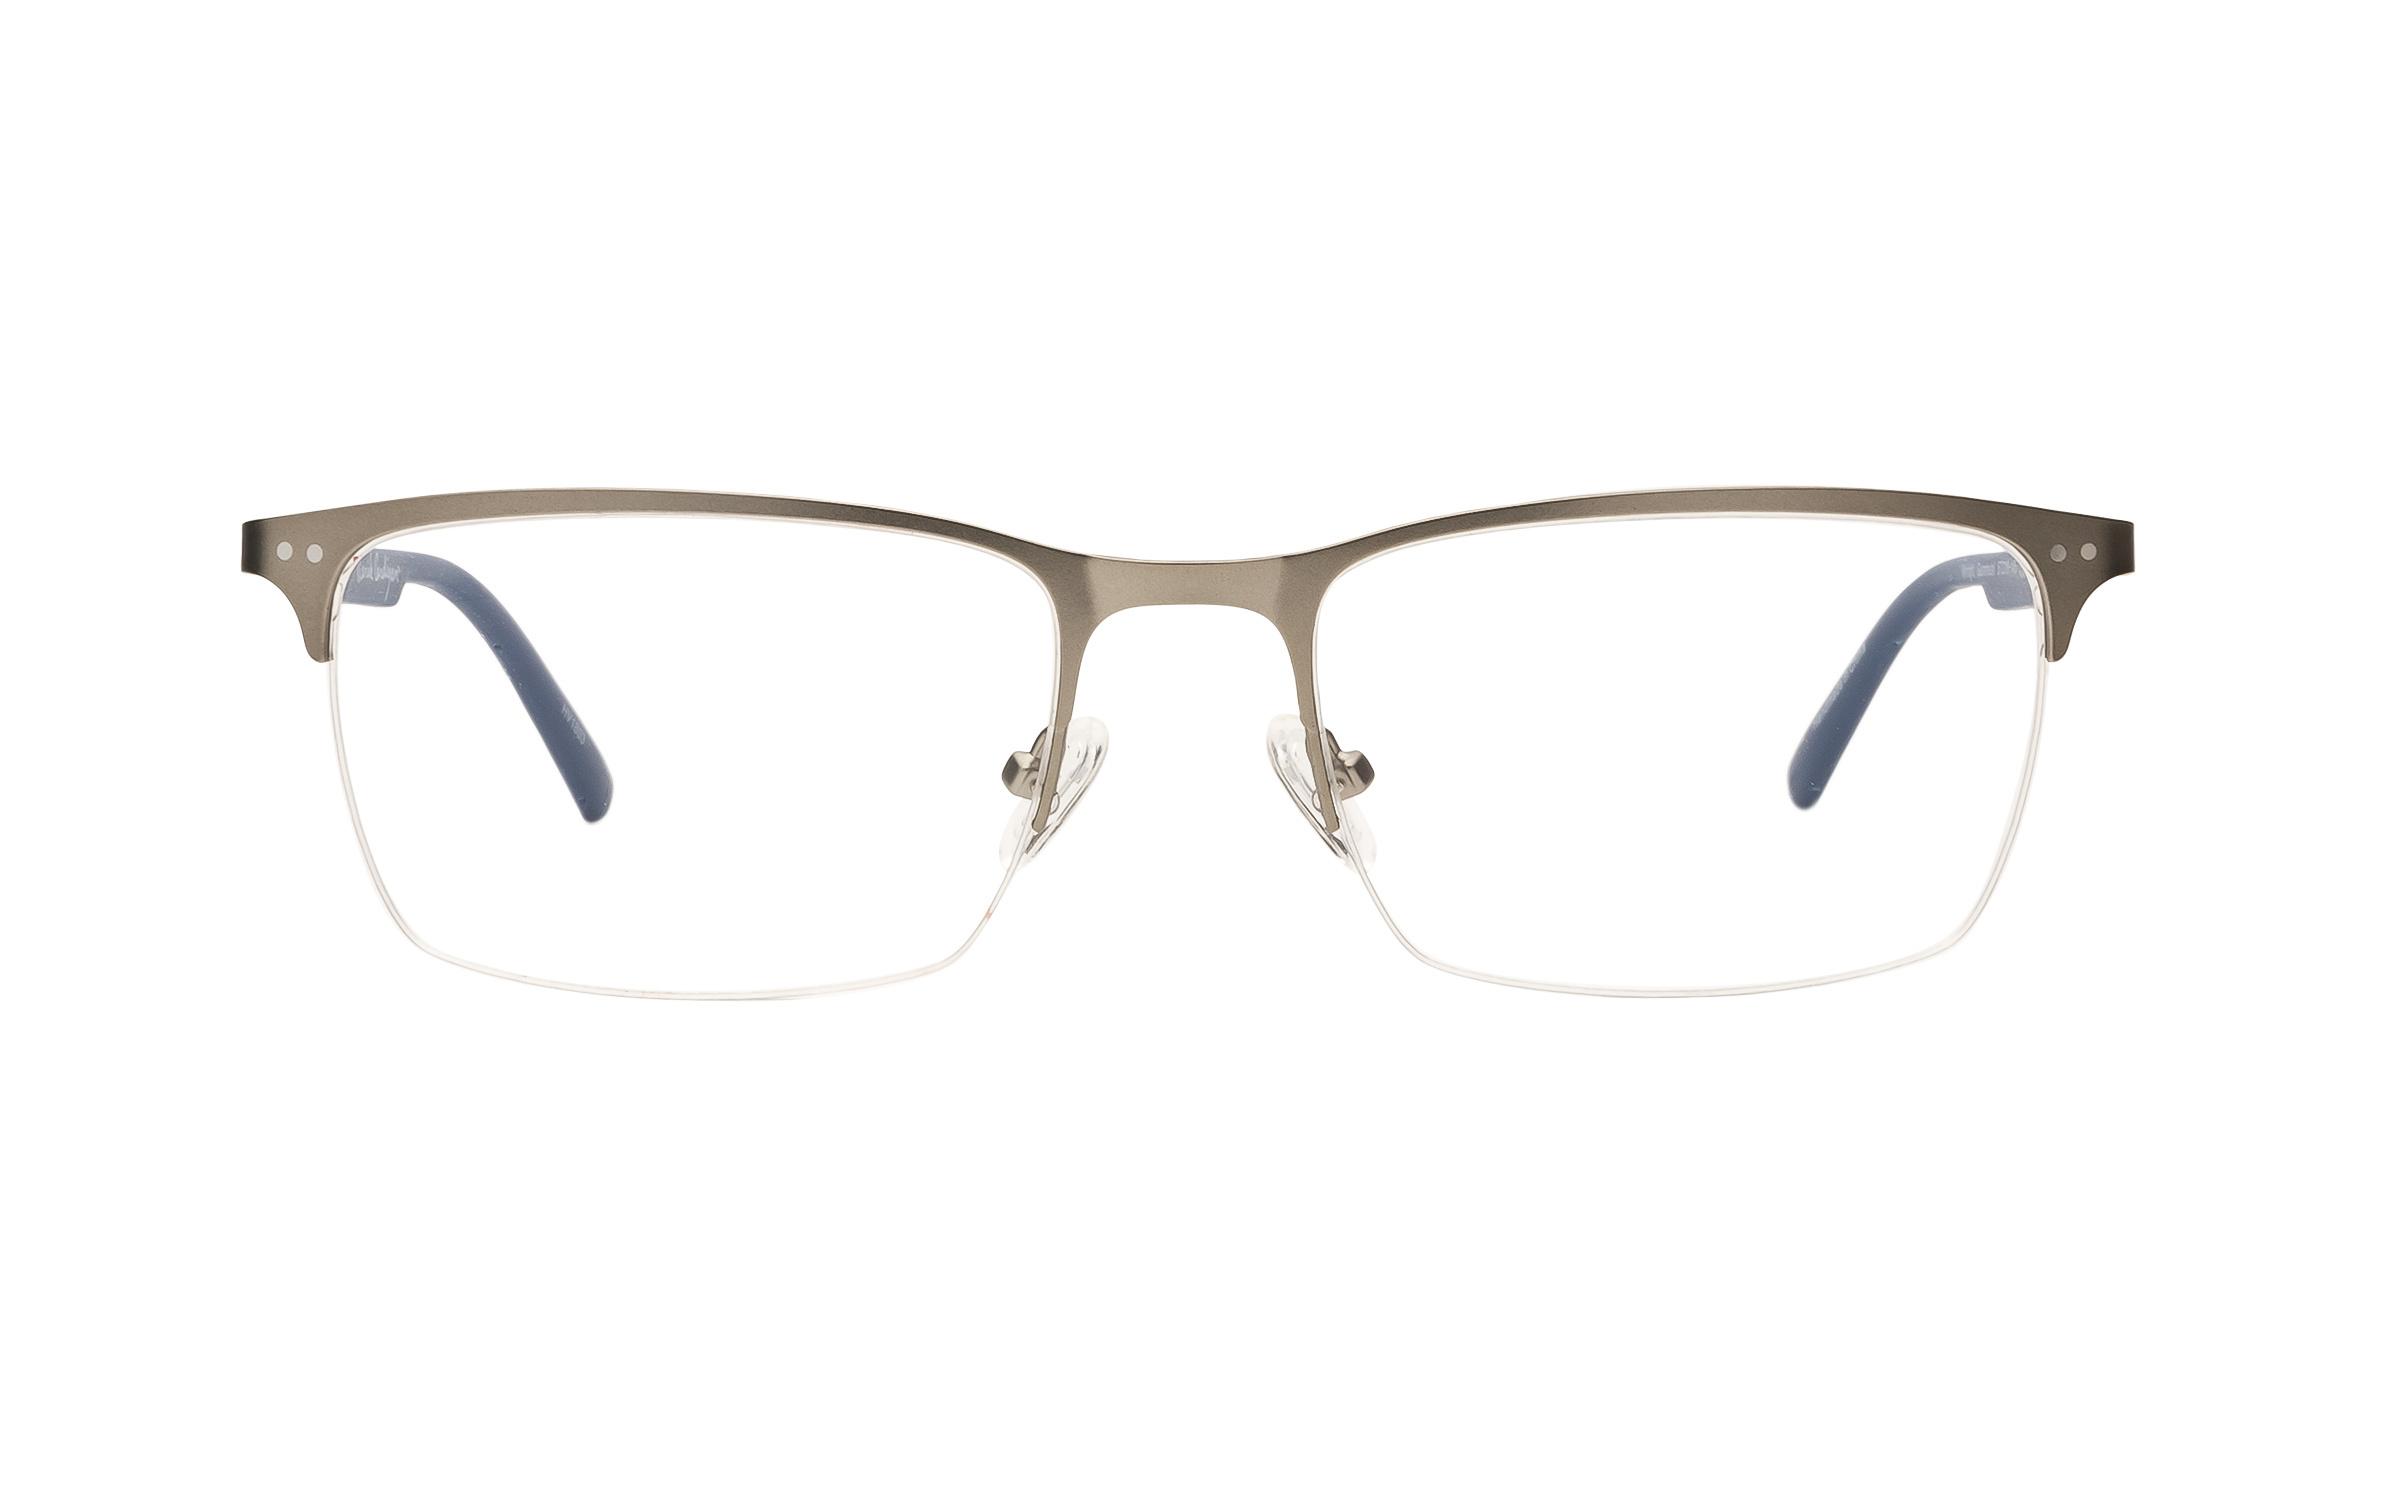 Derek_Cardigan_Mens_Glasses_Semi_Rimless_Grey_Metal_Online_Coastal